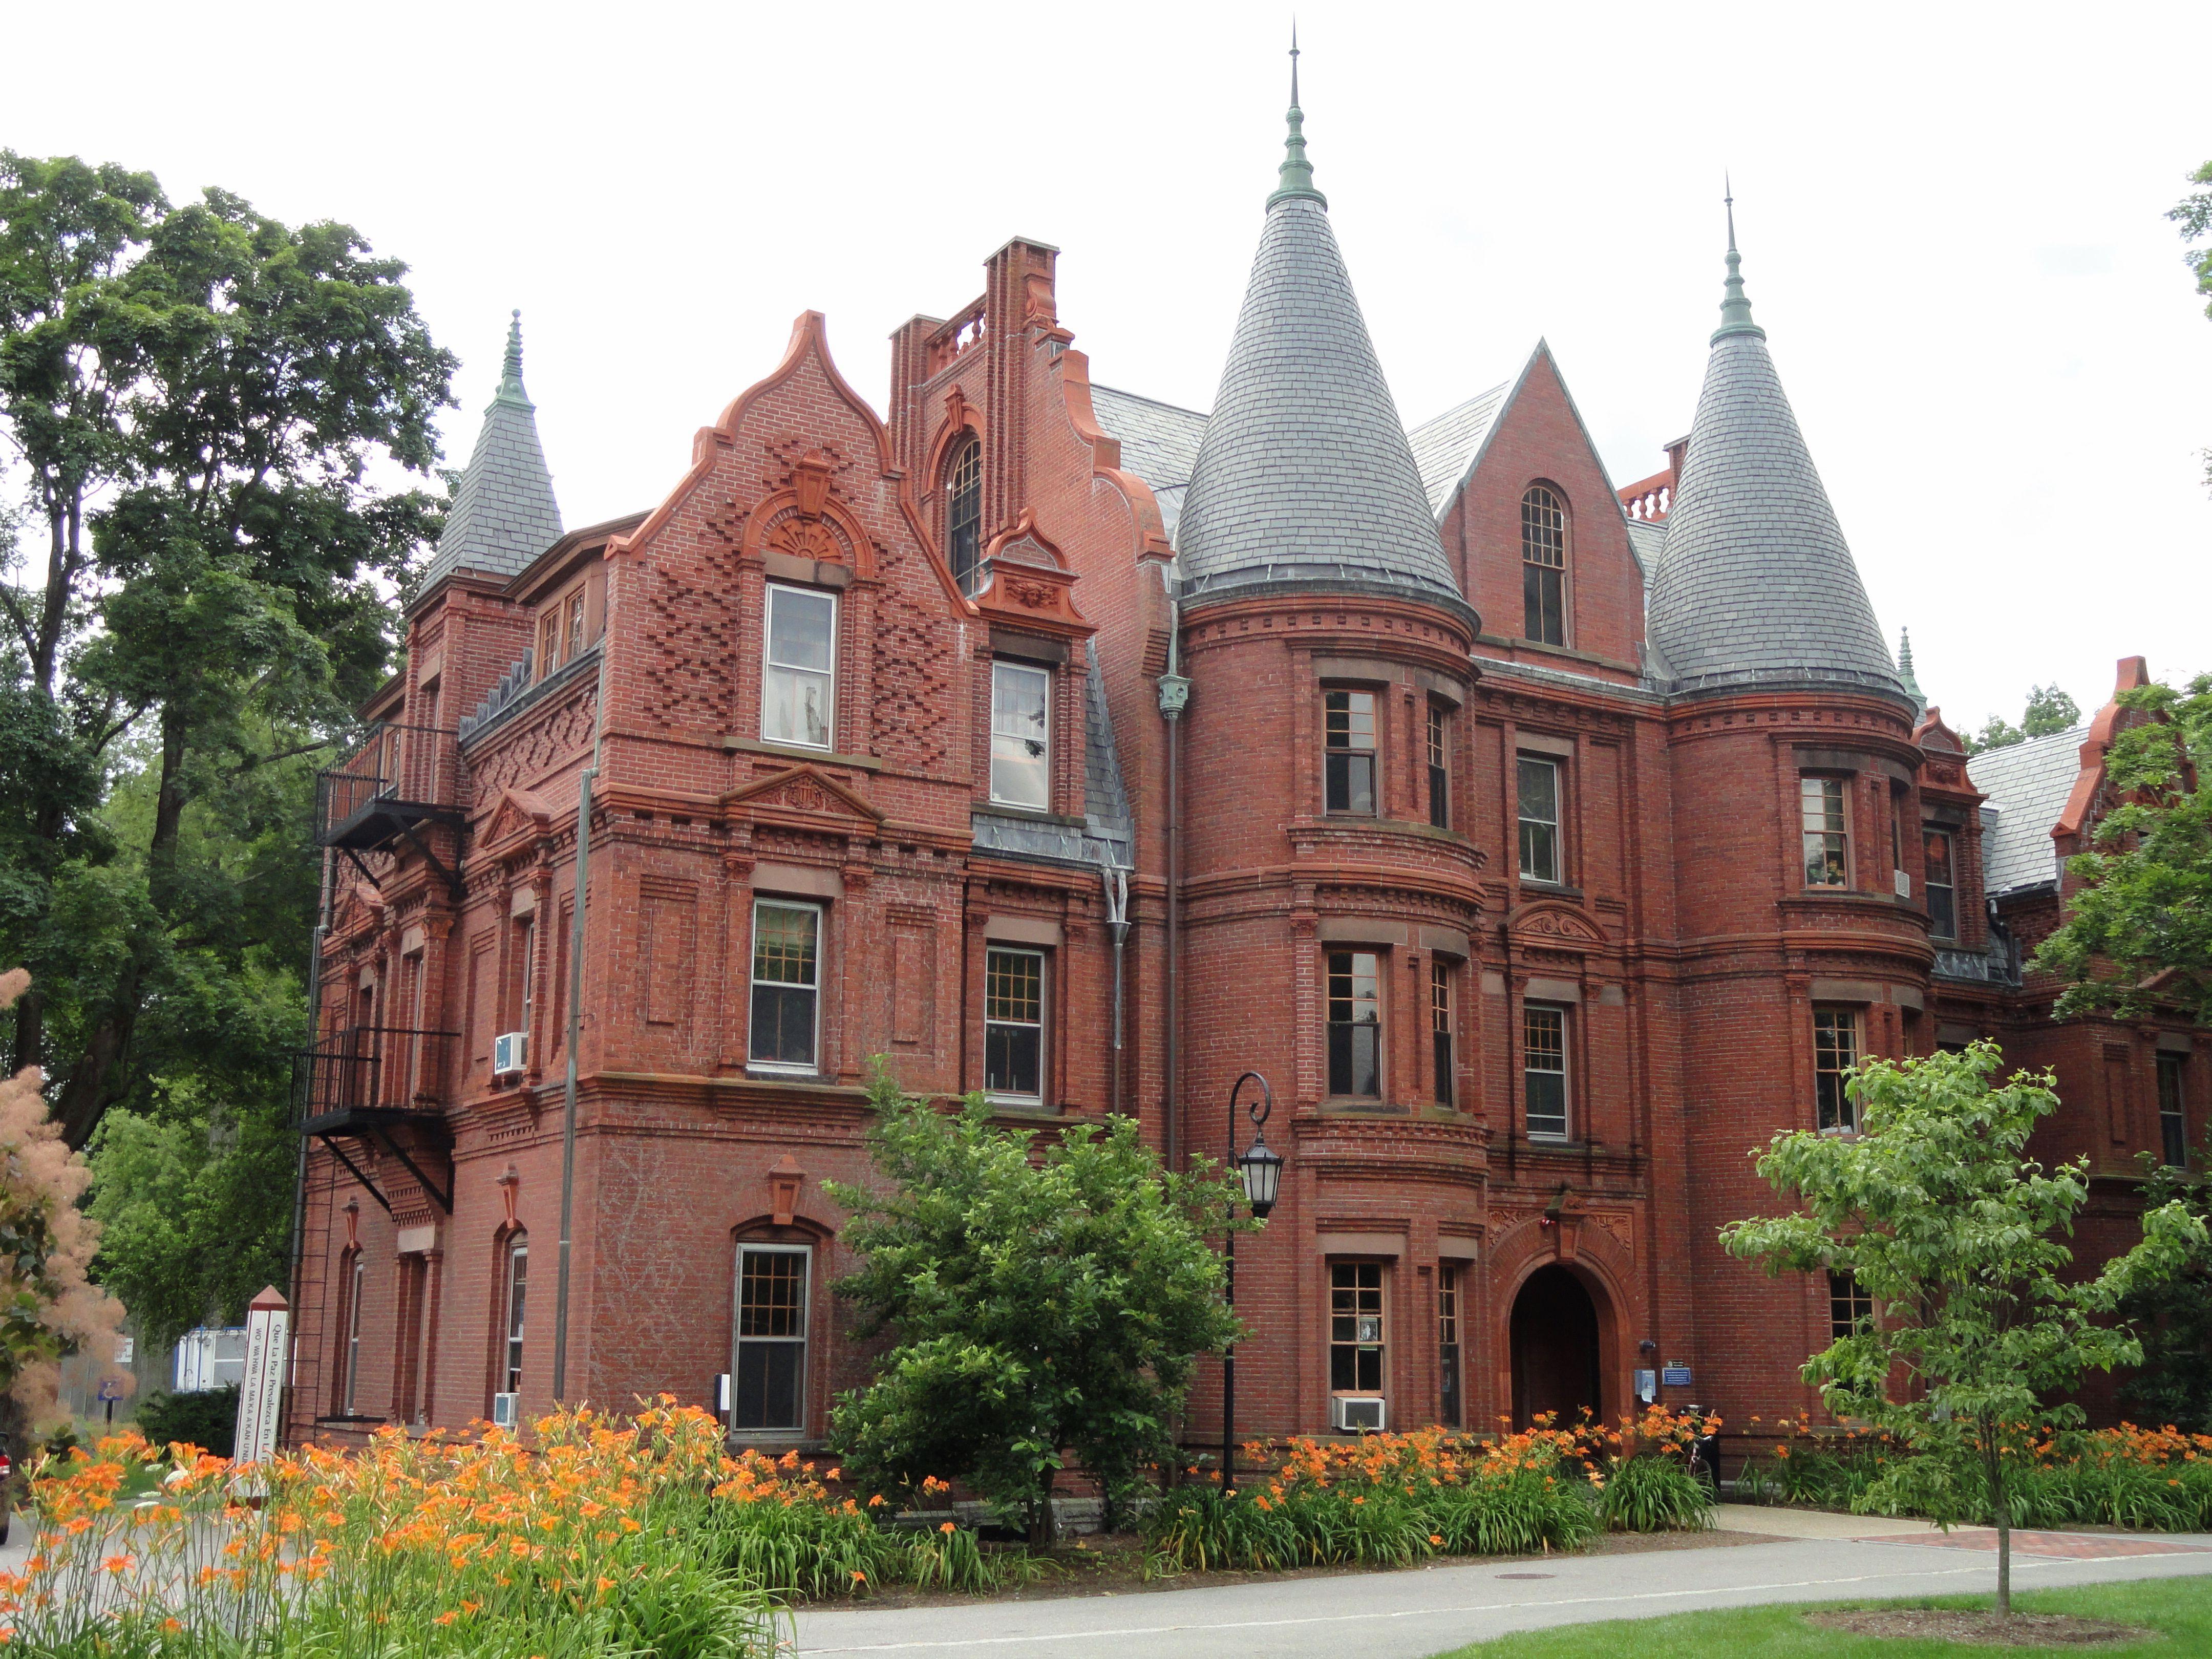 Schneider Center at Wellesley College